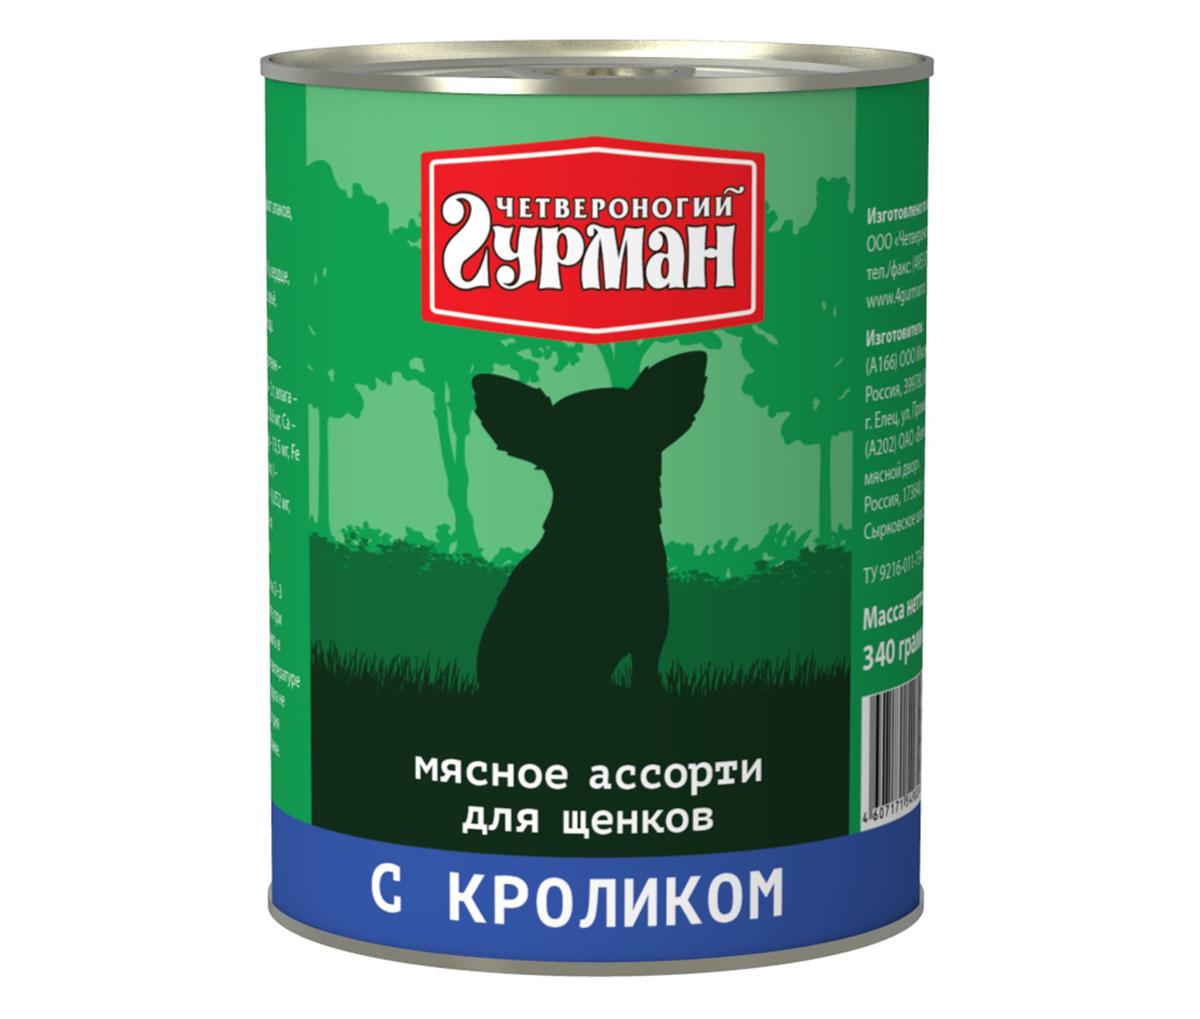 Консервы для щенков Четвероногий гурман Мясное ассорти, с кроликом, 340 г консервы для кошек четвероногий гурман мясное ассорти с индейкой 100 г